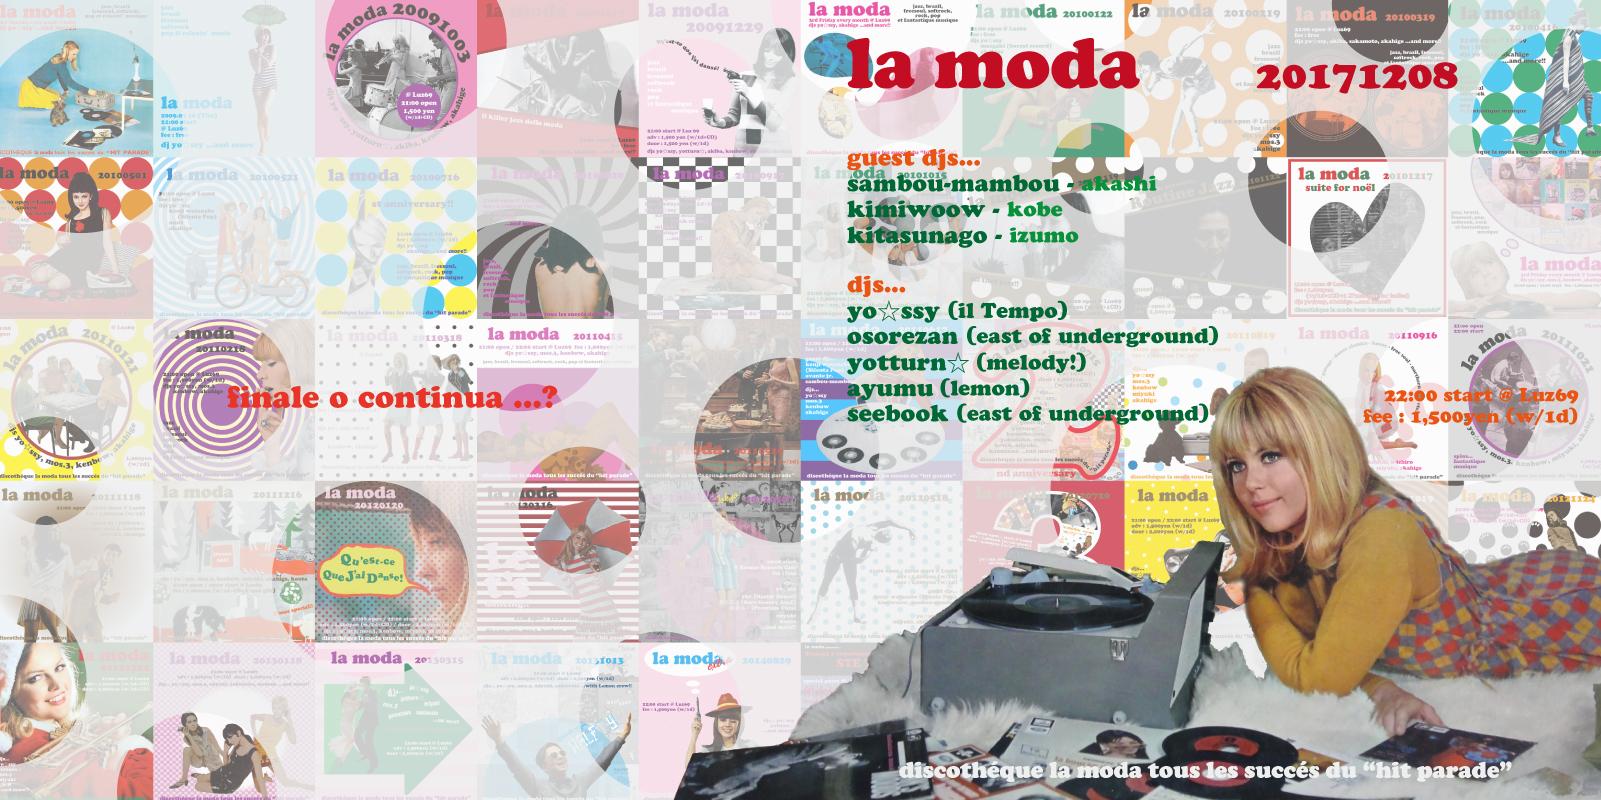 la_moda_20171208_f_wide